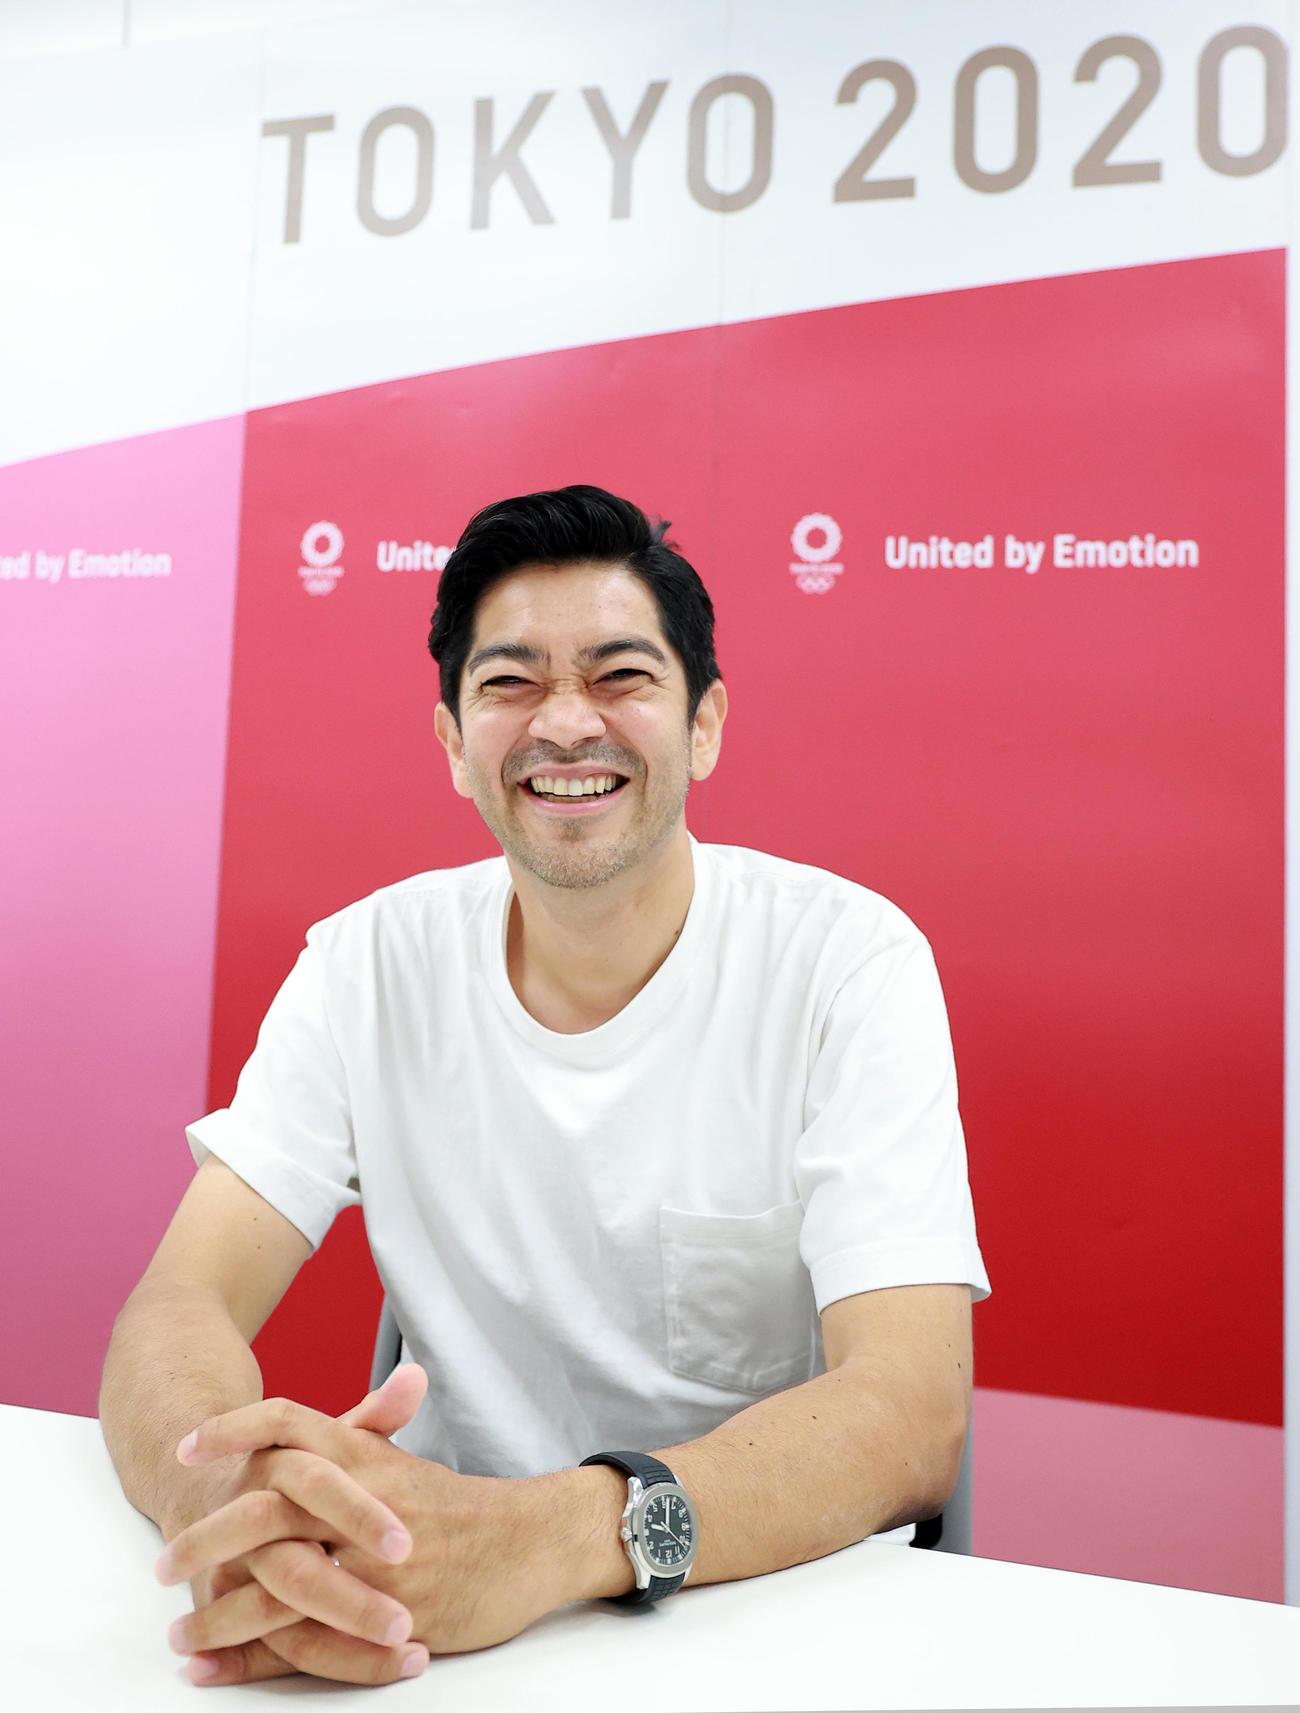 東京五輪の日置貴之開閉会式エグゼクティブプロデューサーは、笑顔でコンセプトを語る(撮影・浅見桂子)